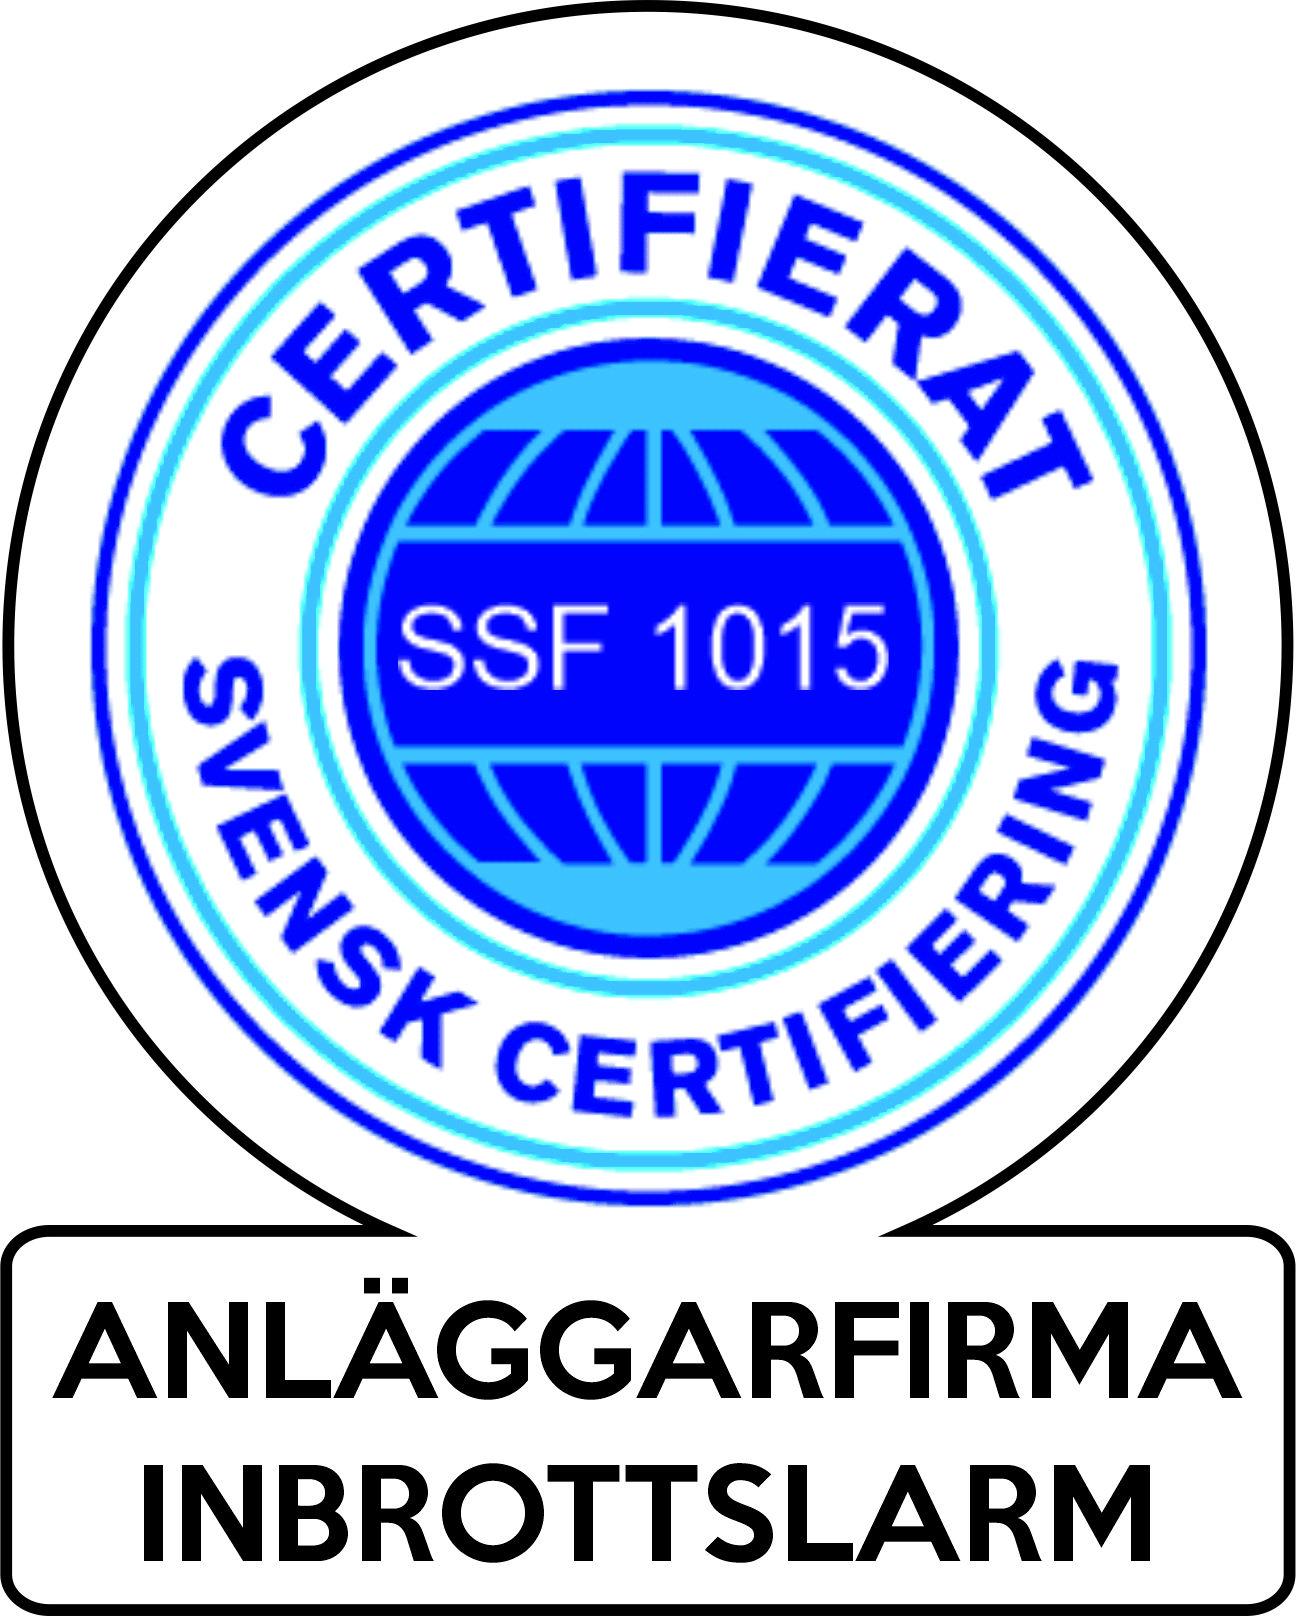 SCAB_1015_Anläggarfirma_Inbrottslarm_larmspecialisten_2